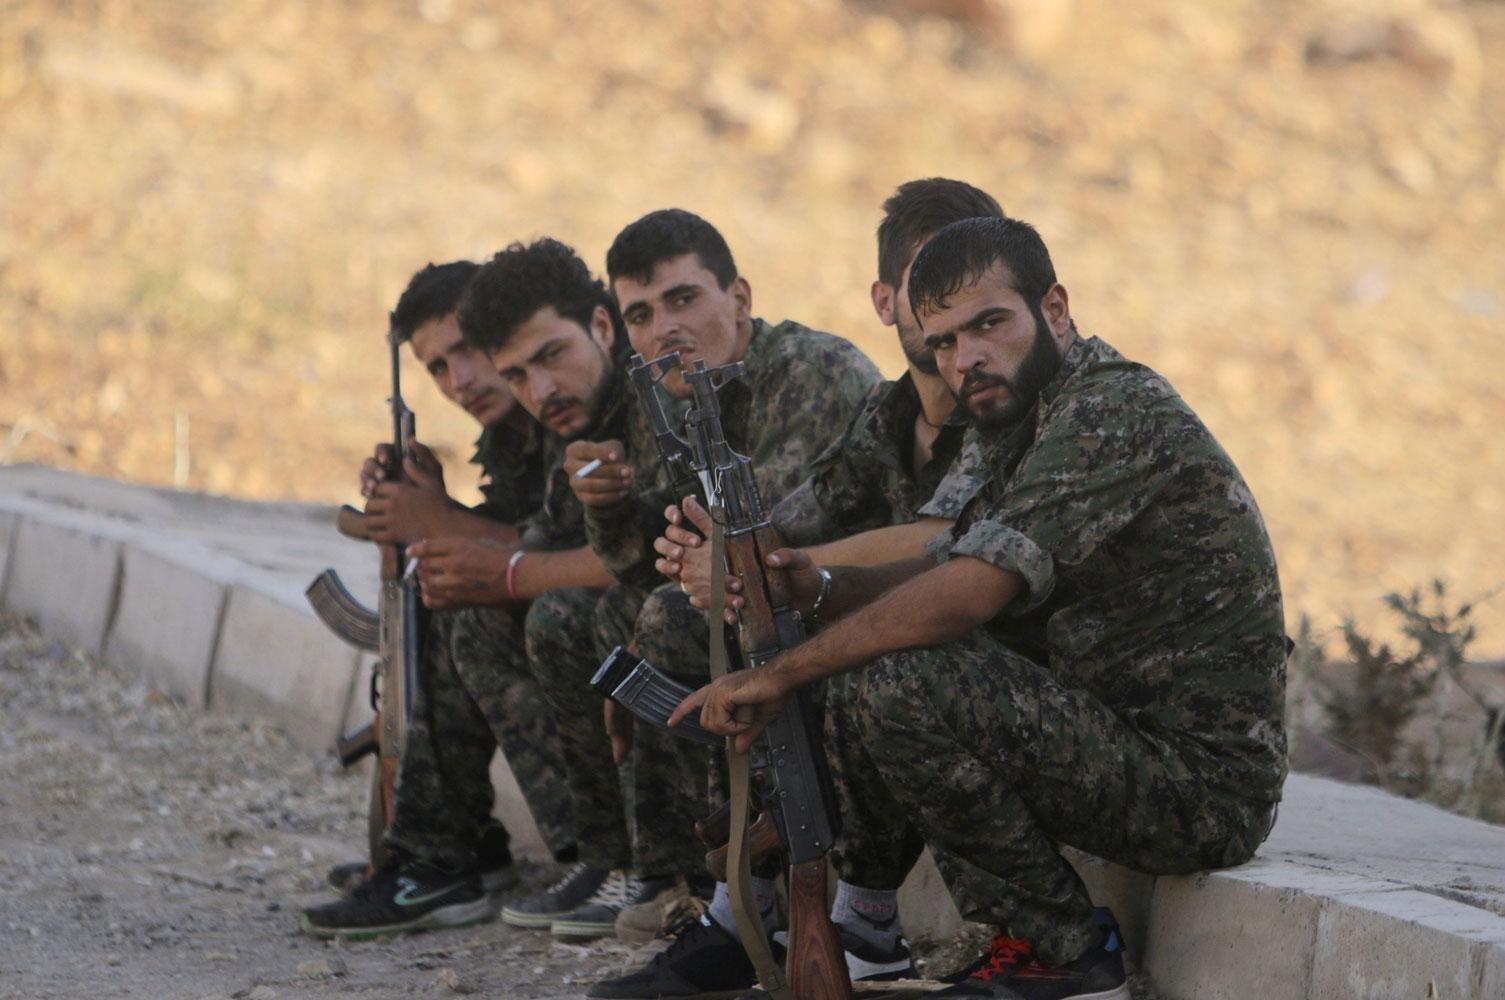 مسلحون كرد من حزب العمال الكردستاني في إقليم كردستان العراق